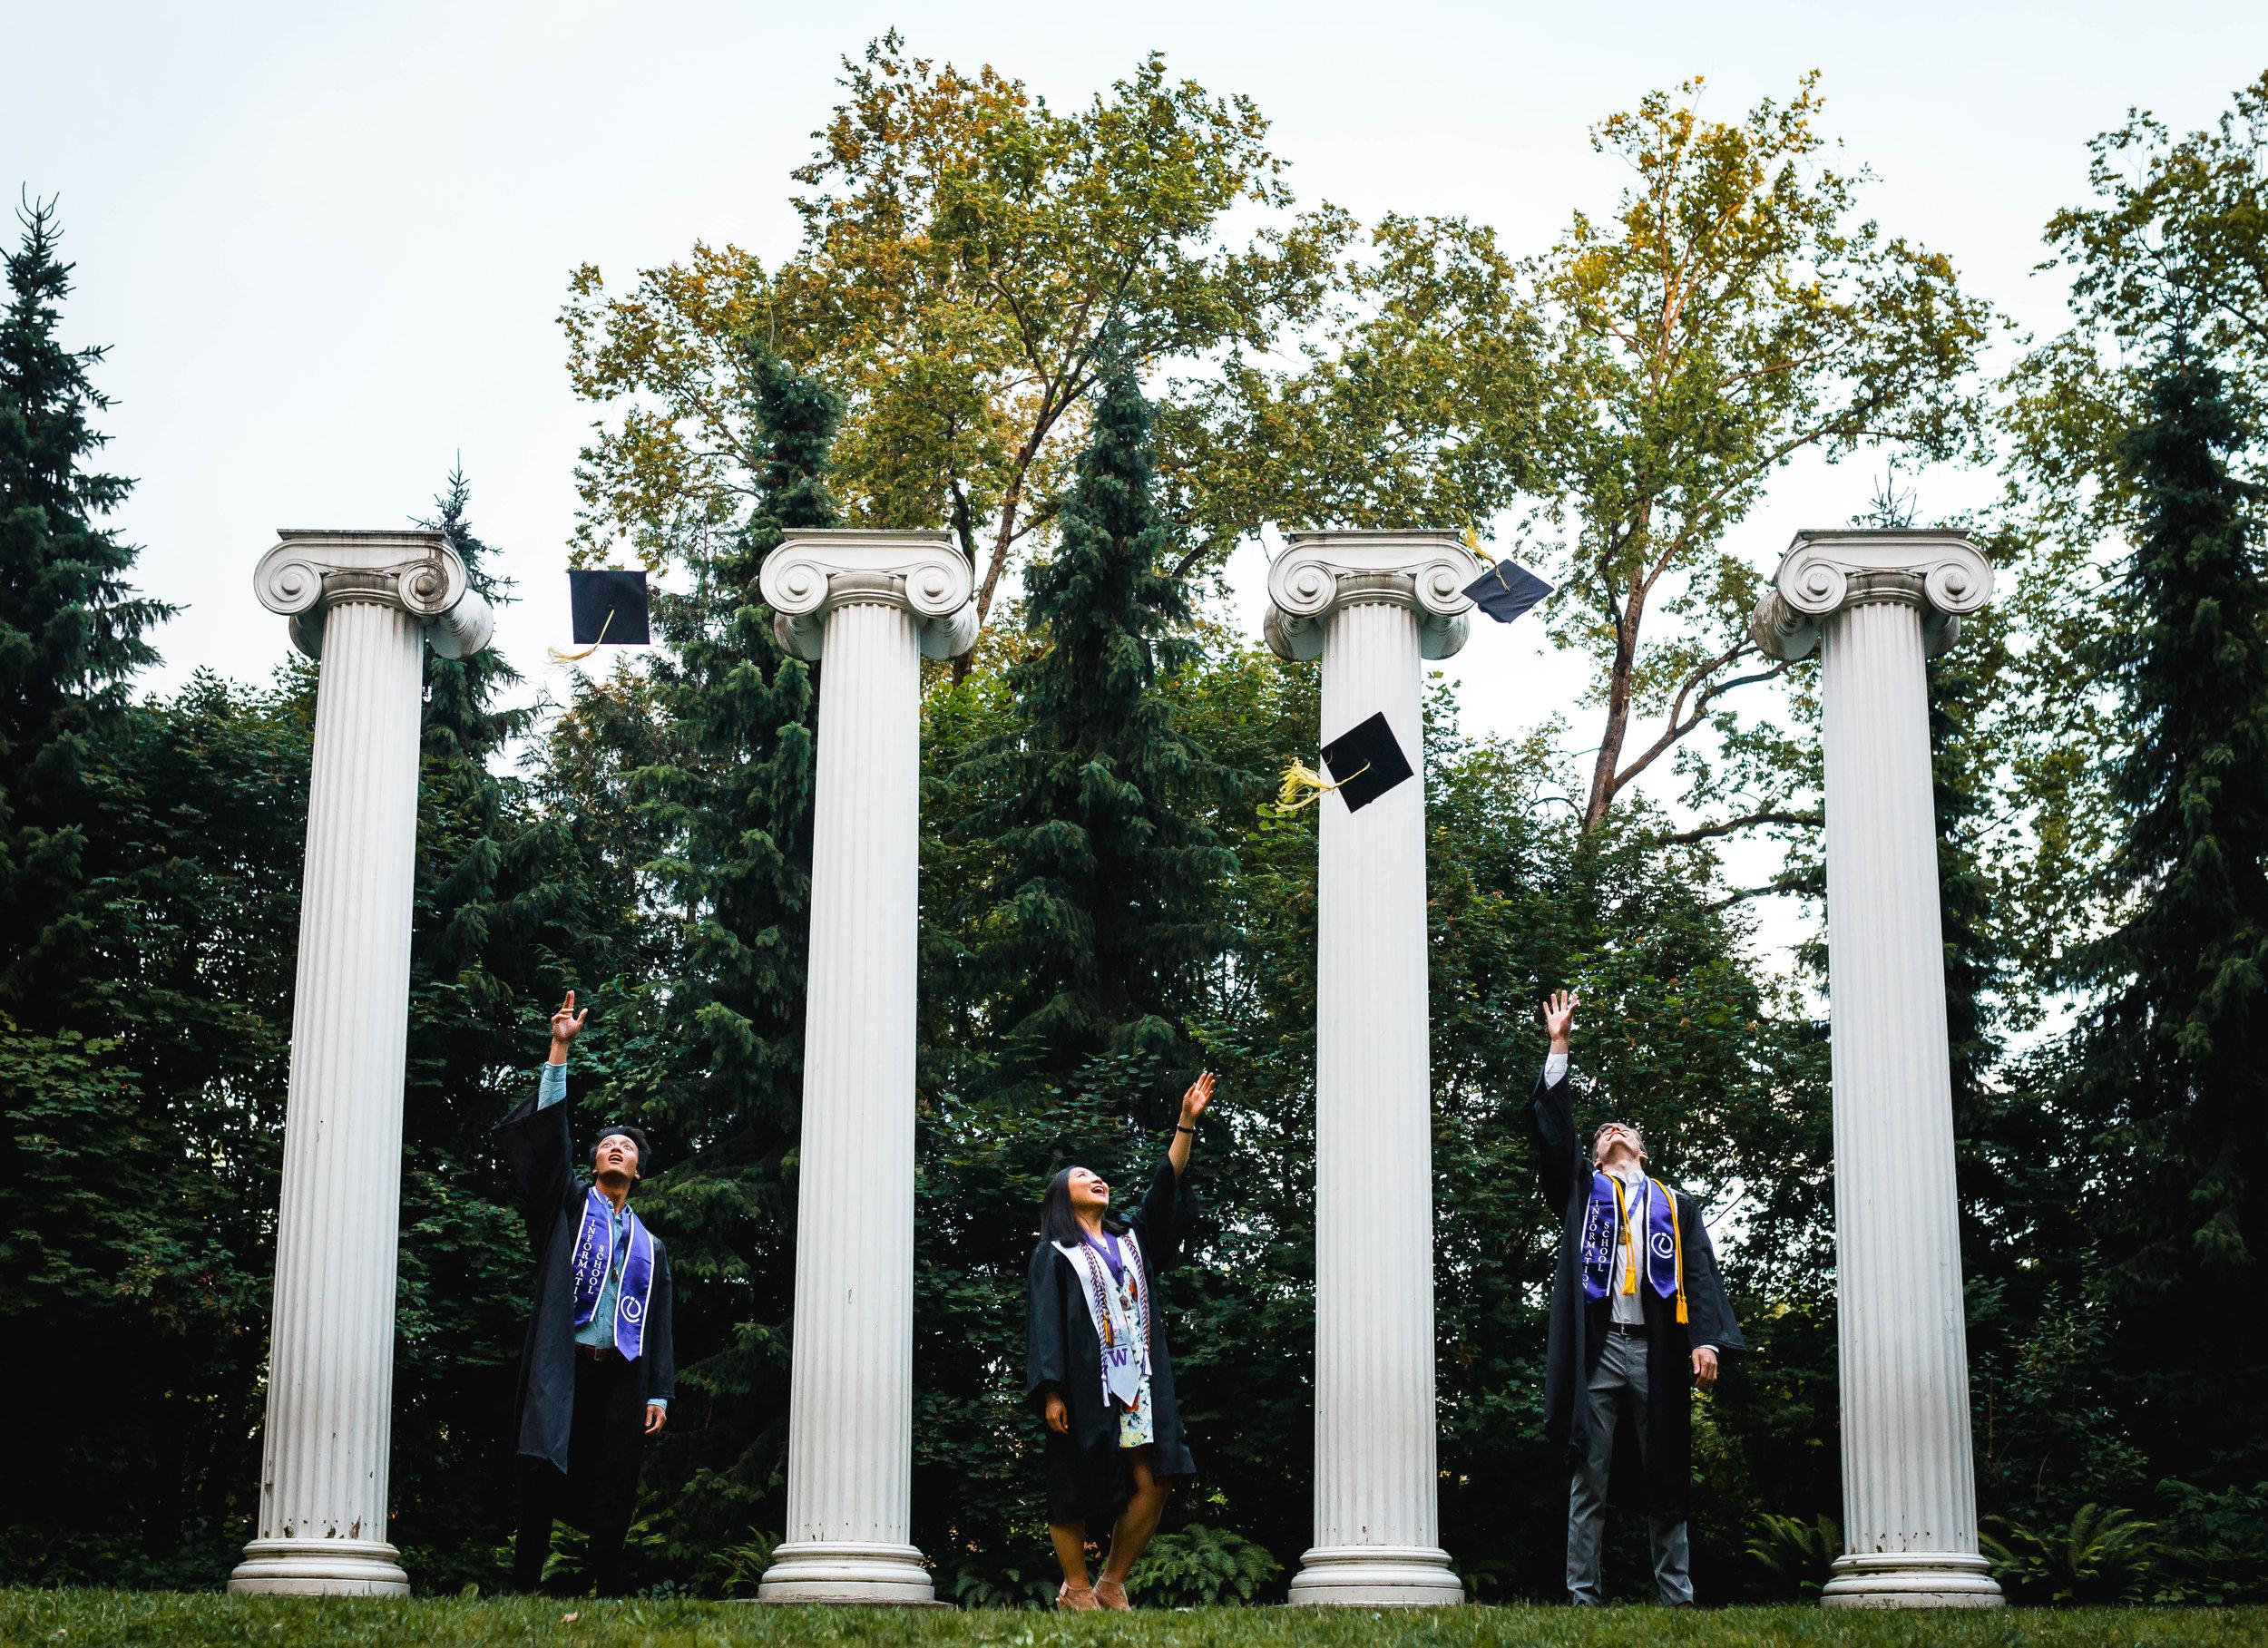 2019 Graduates - At the University of Washington